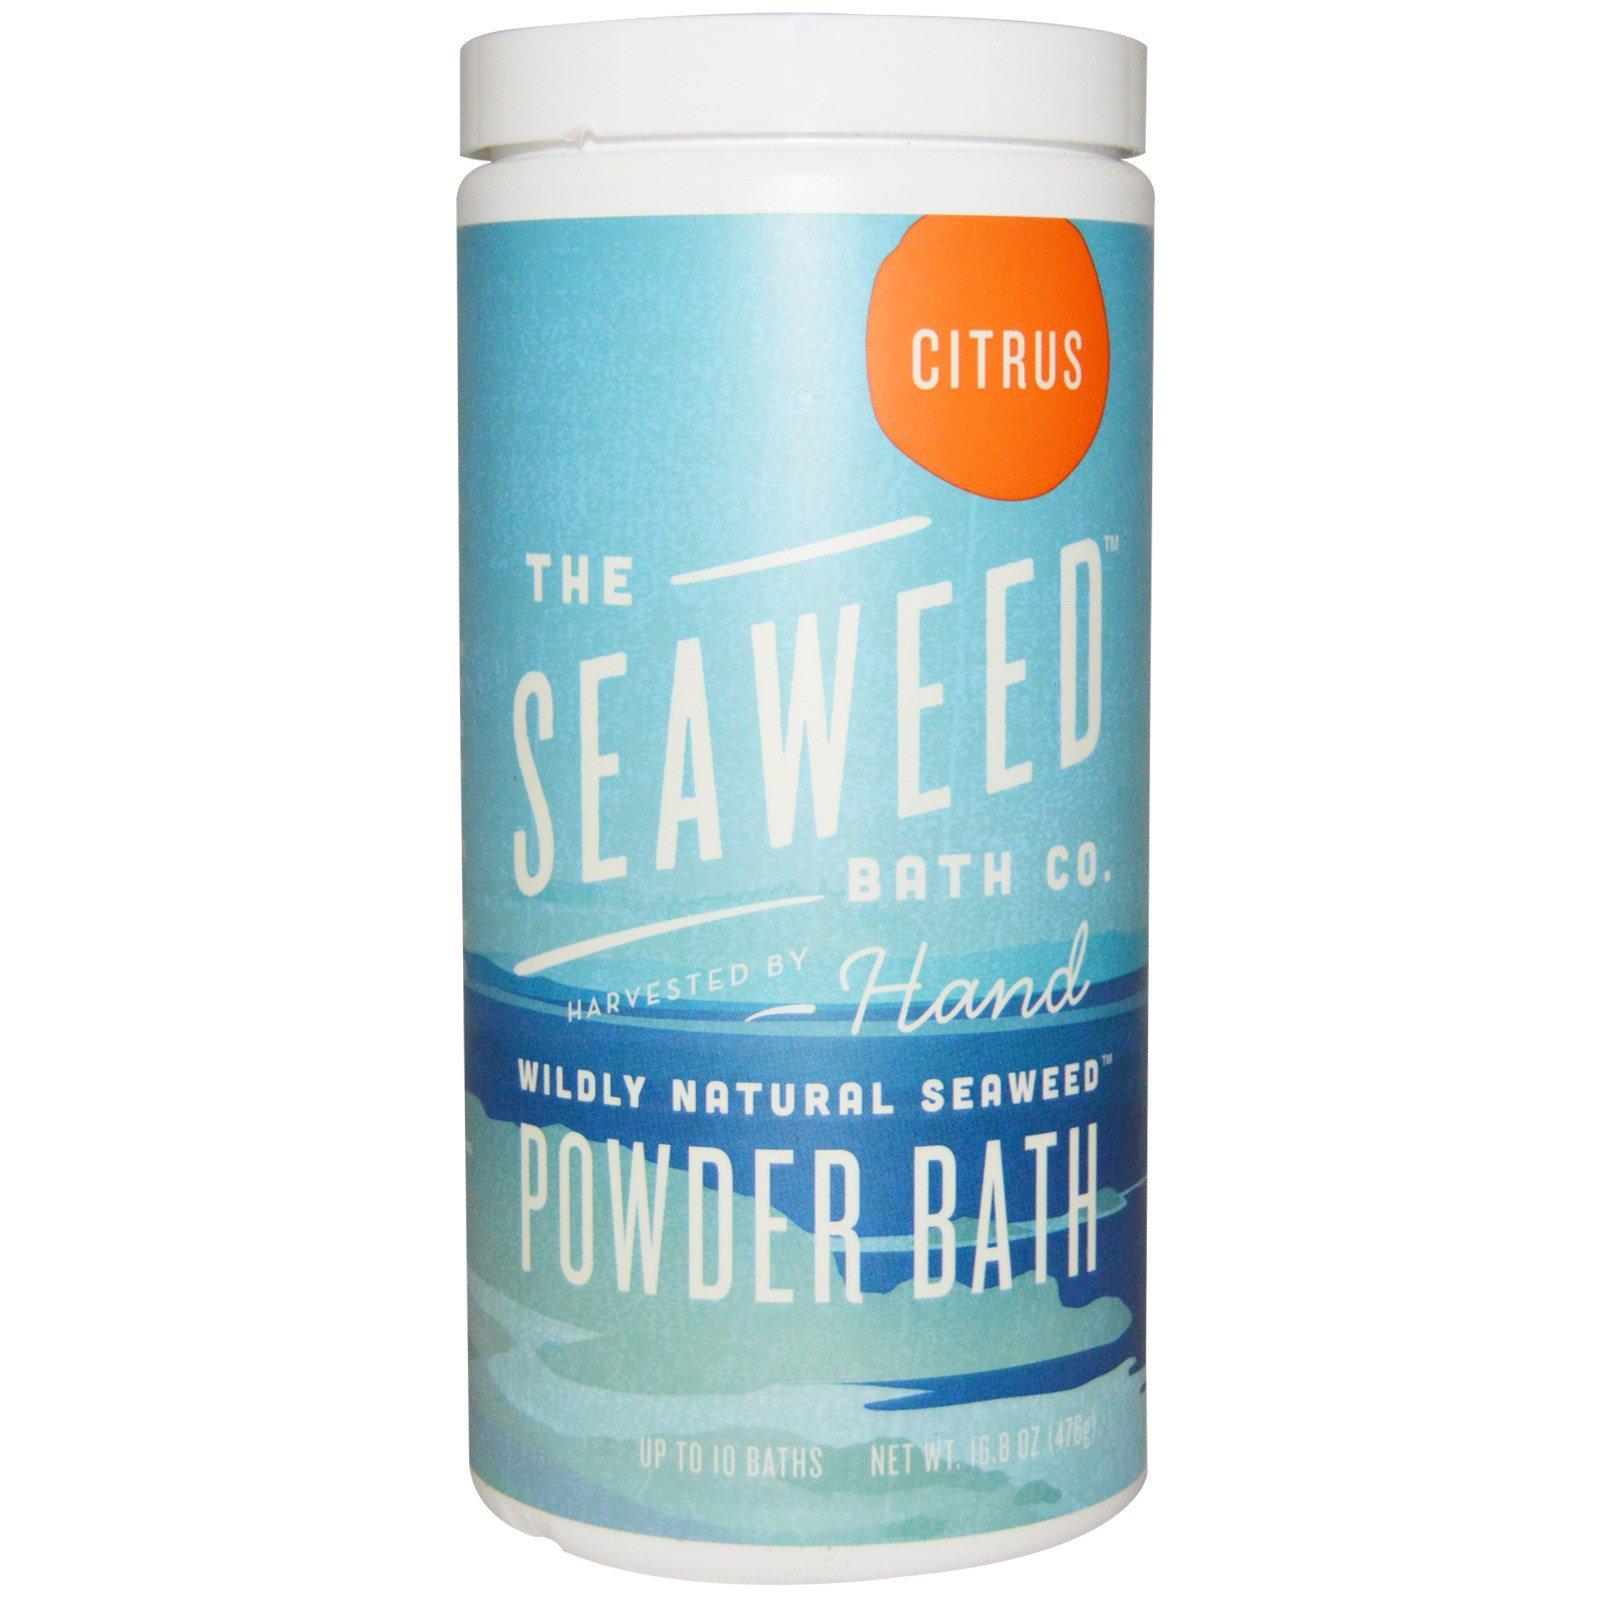 Seaweed Bath Co., Дико натурально, порошок для ванны из морских водорослей, цитрус, 476 г (16,8 унций)